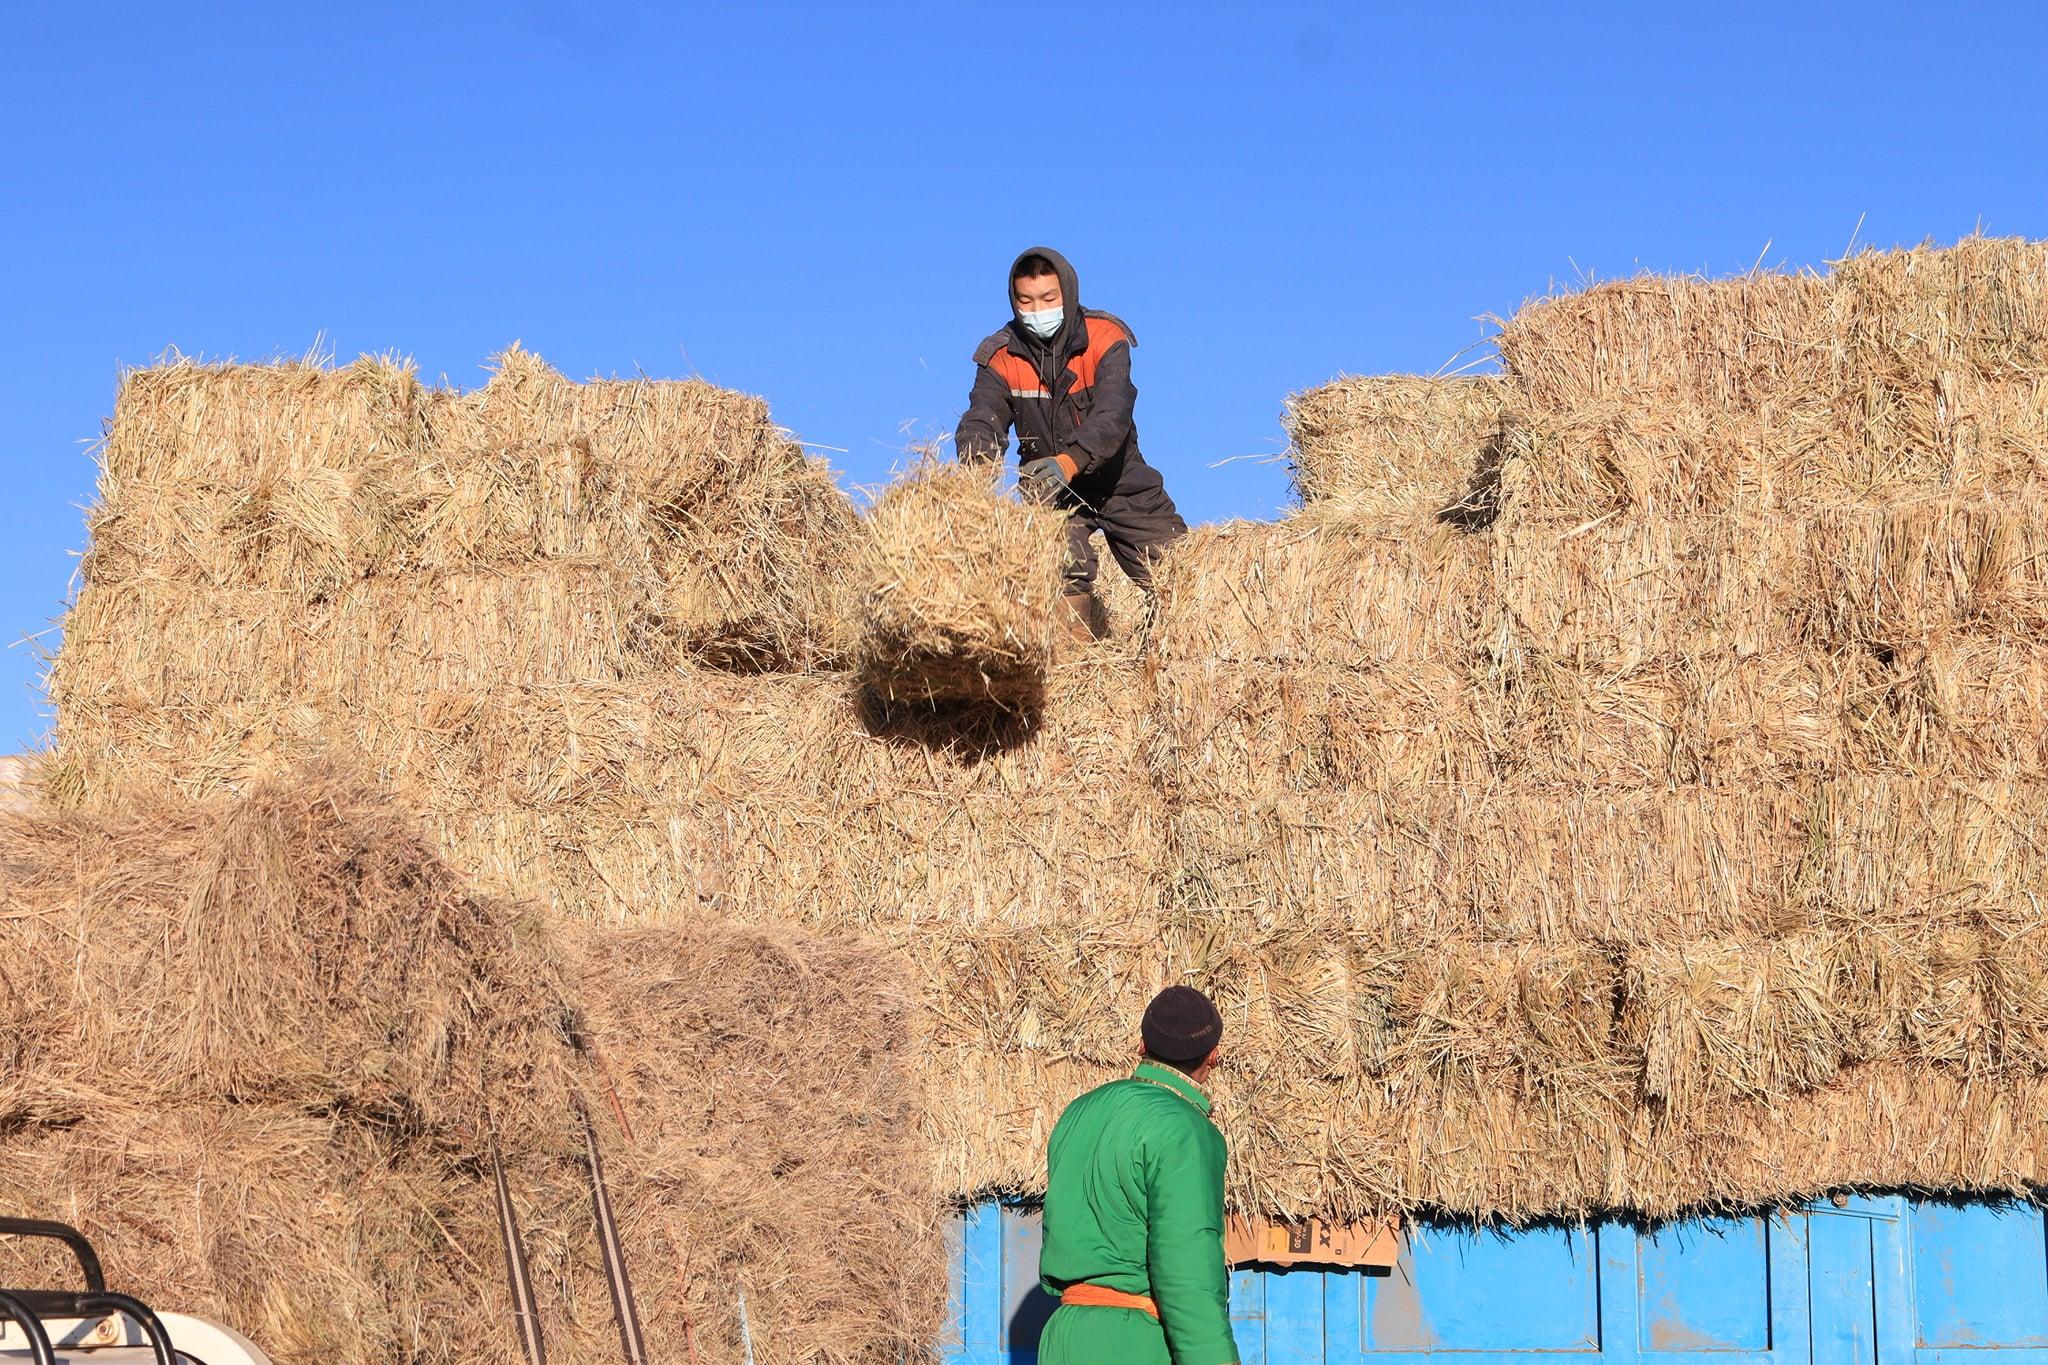 Малчдад хөнгөлөлттэй үнээр өвс, ногоон тэжээл нийлүүлэх ажил аймгийн хэмжээнд өрнөж байна